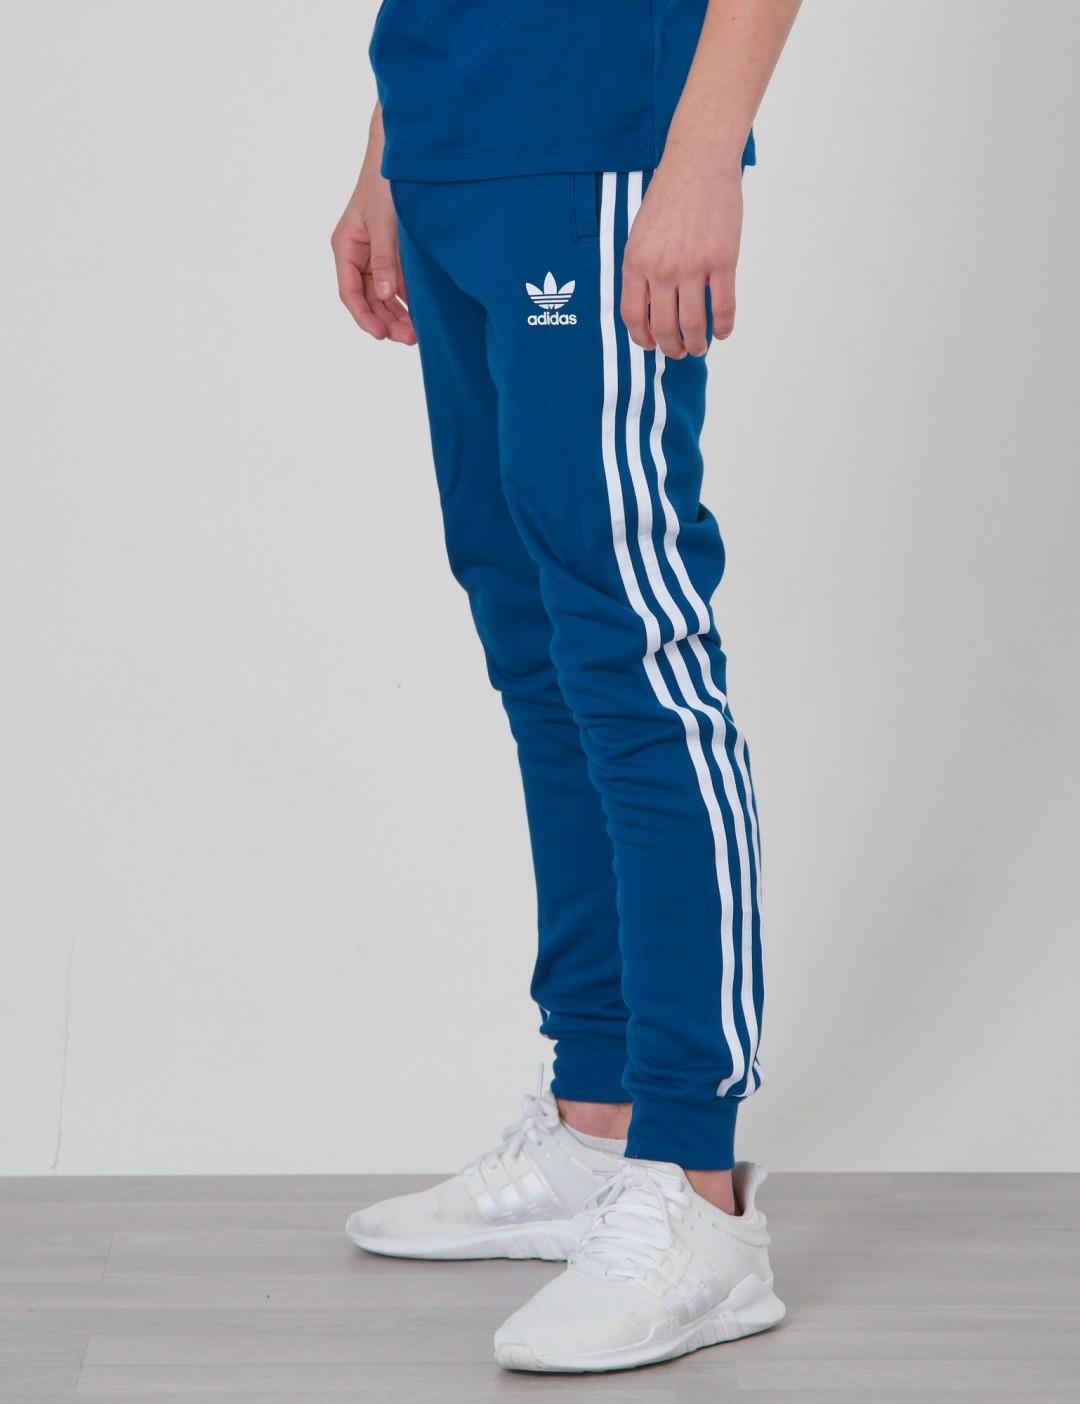 Adidas Originals barnkläder - TREFOIL PANTS · Adidas Originals barnkläder -  TREFOIL PANTS ... d43d507c8d5f6